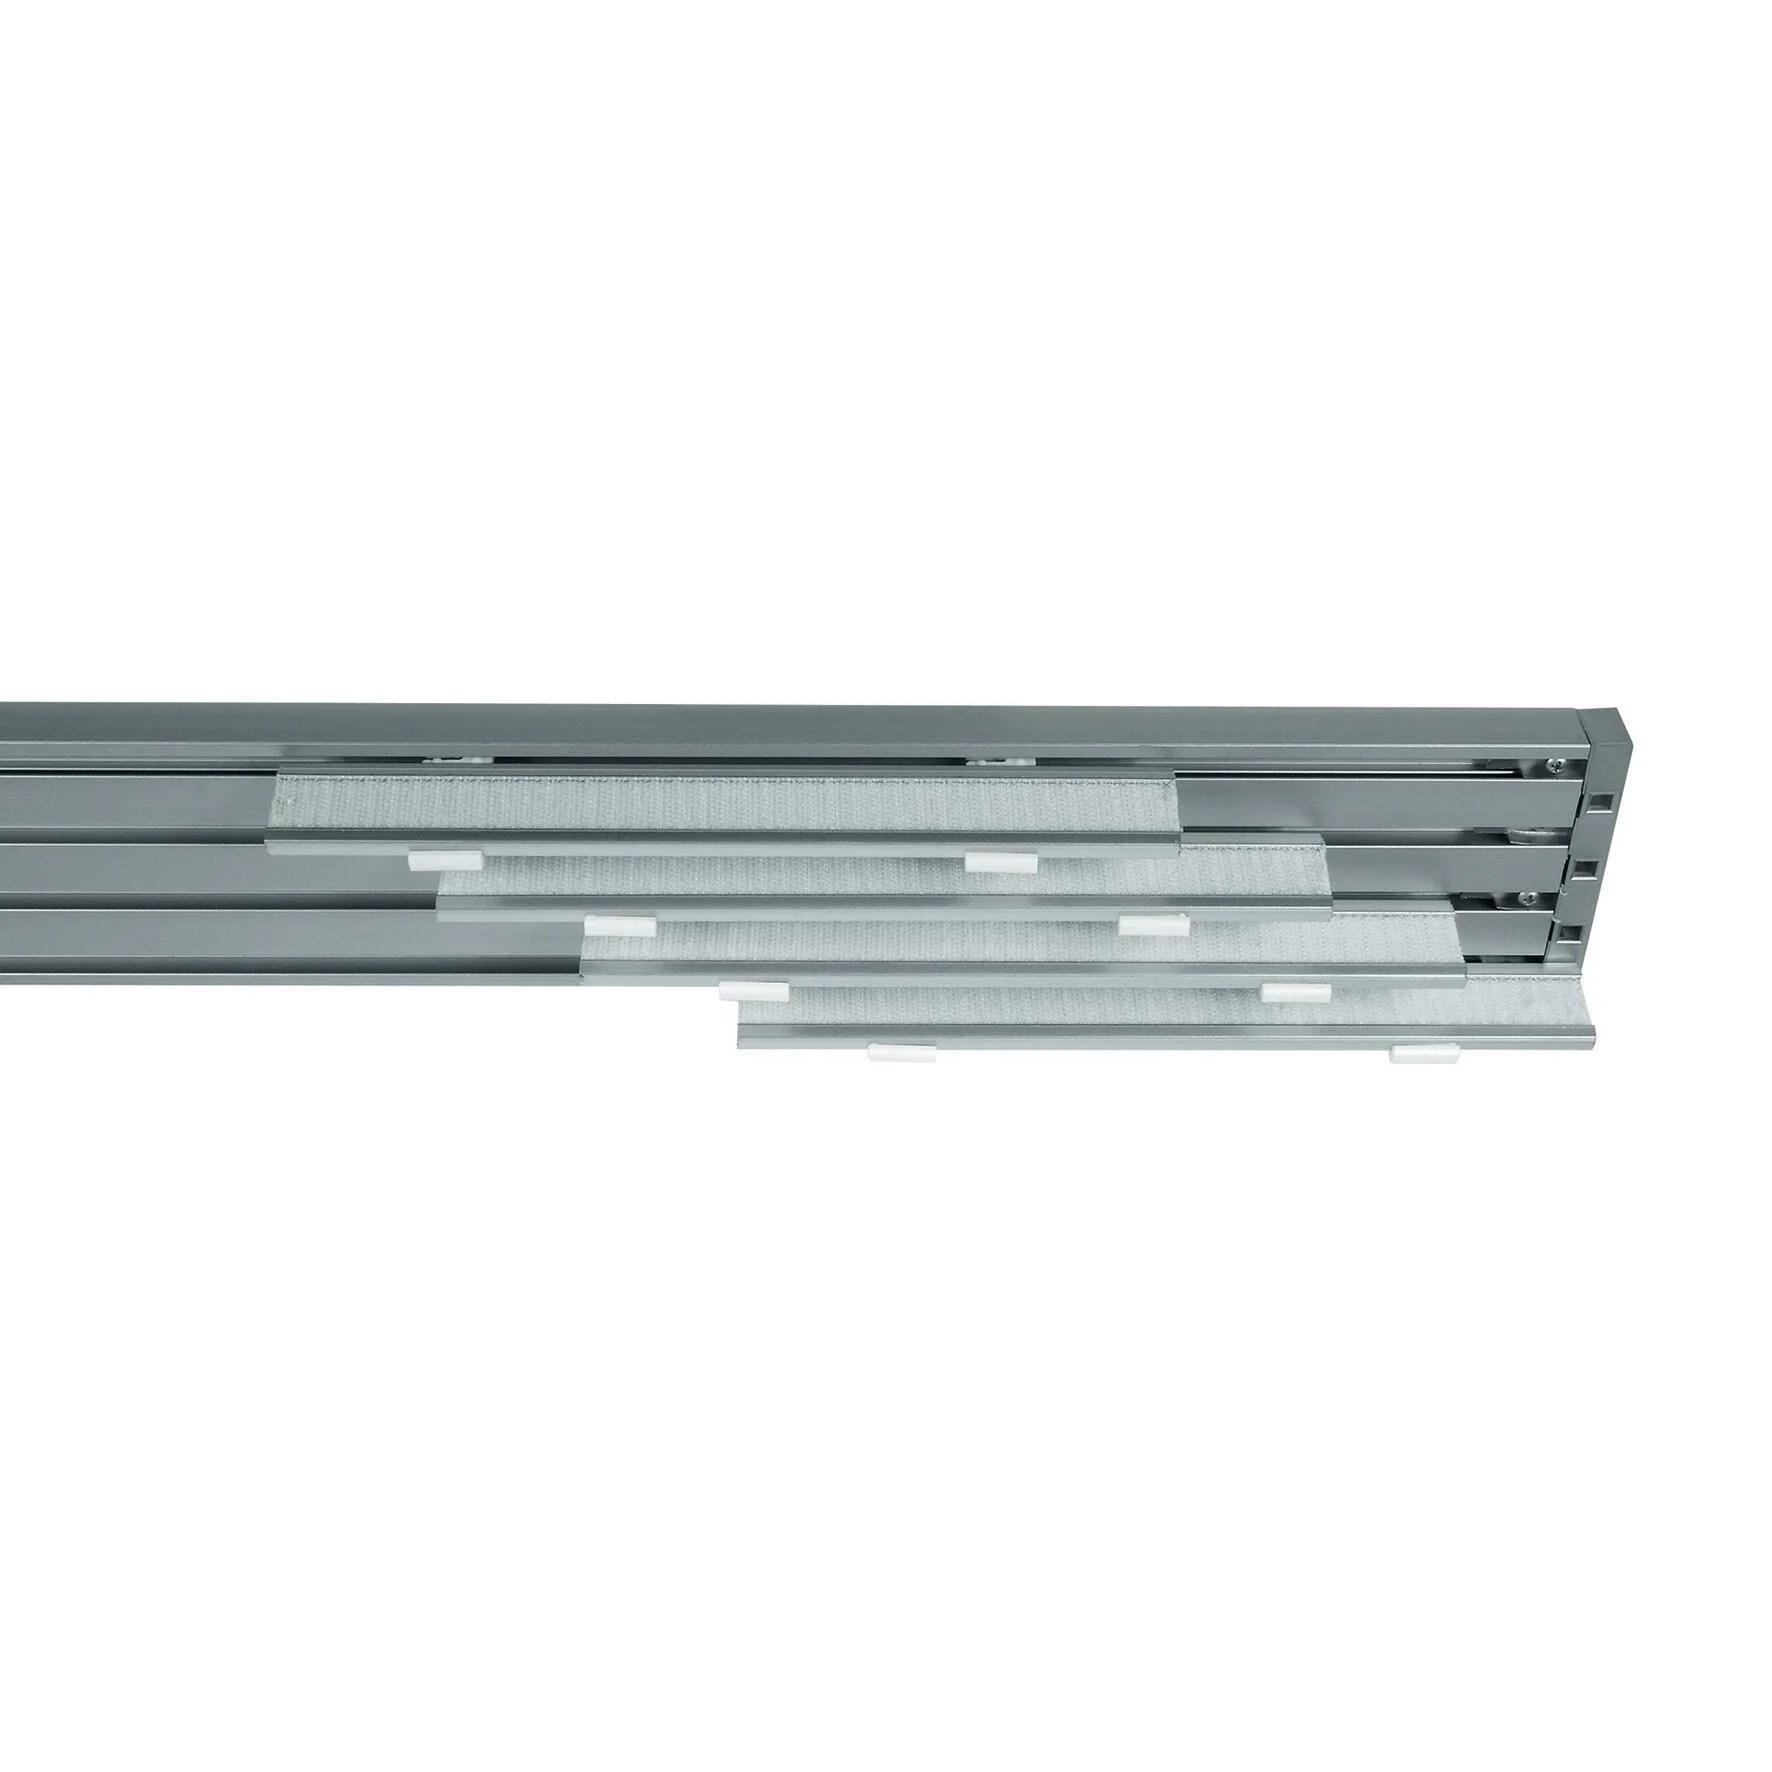 Per chi ama lo stile classico e i. Binario Per Pannello Giapponese Singolo 4 Vie Cruiser Alluminio 225 Cm Grigio Leroy Merlin